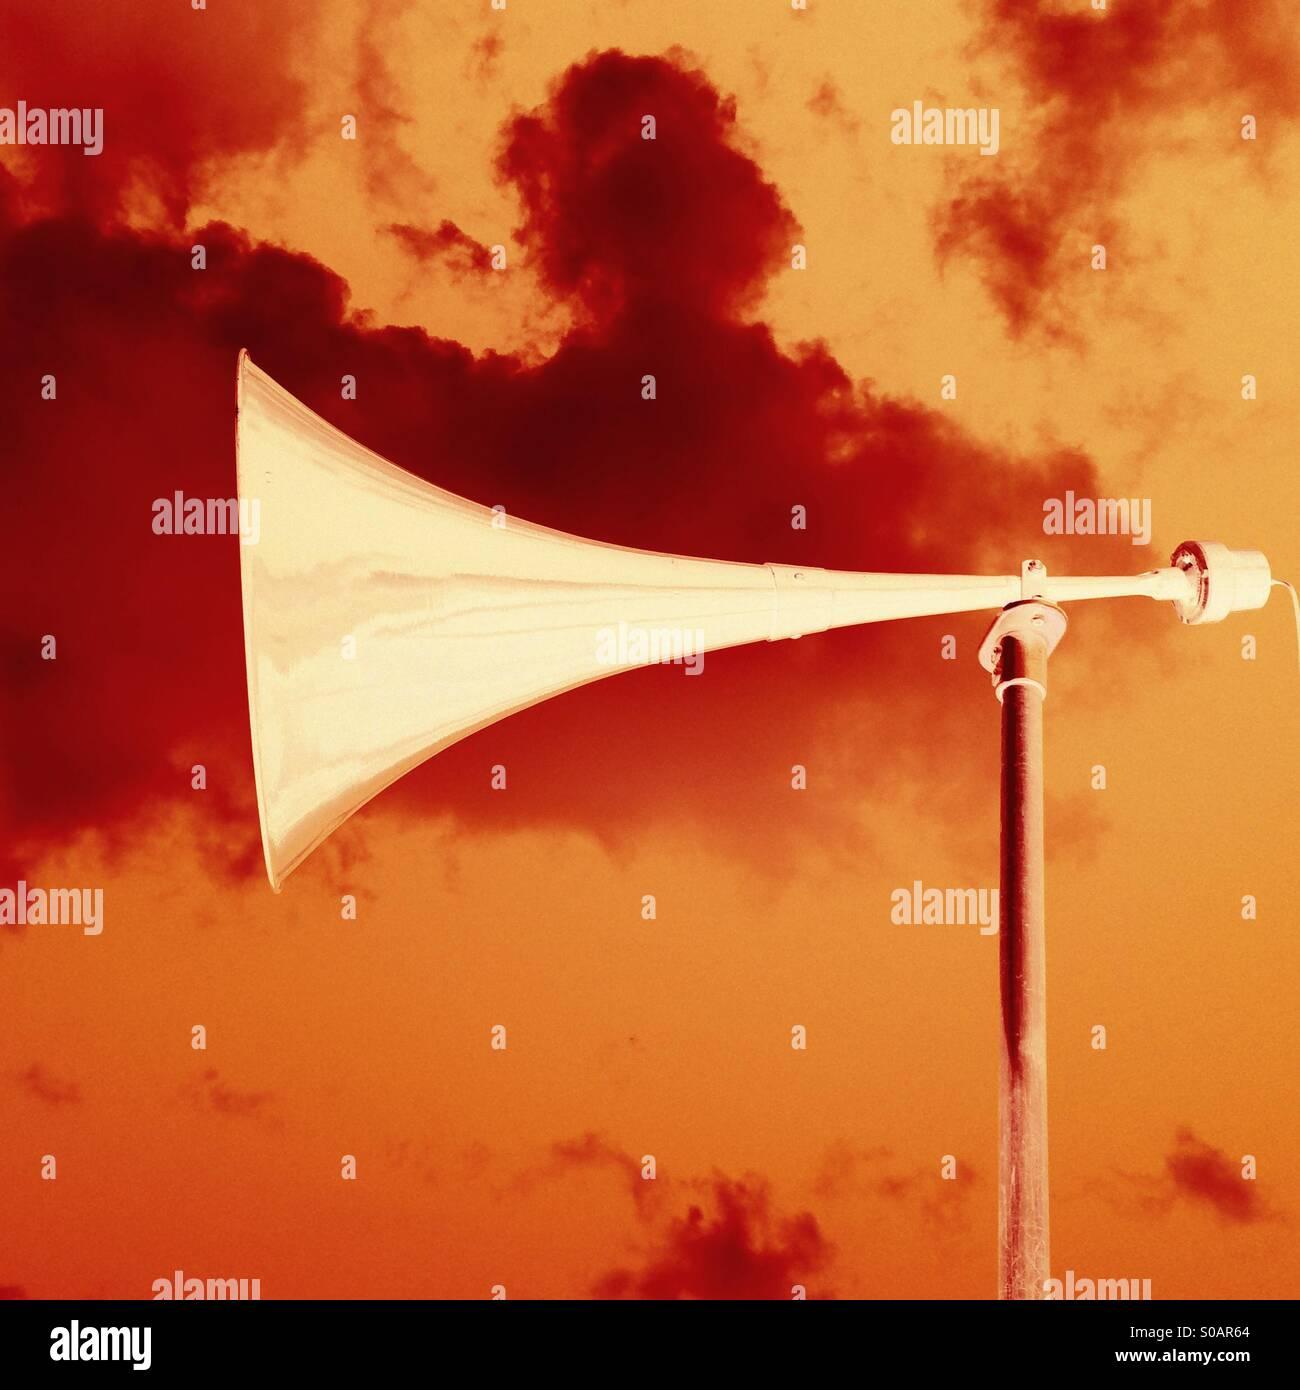 Loudhailer loudhailer fuera contra el cielo colorido alterado digitalmente Imagen De Stock